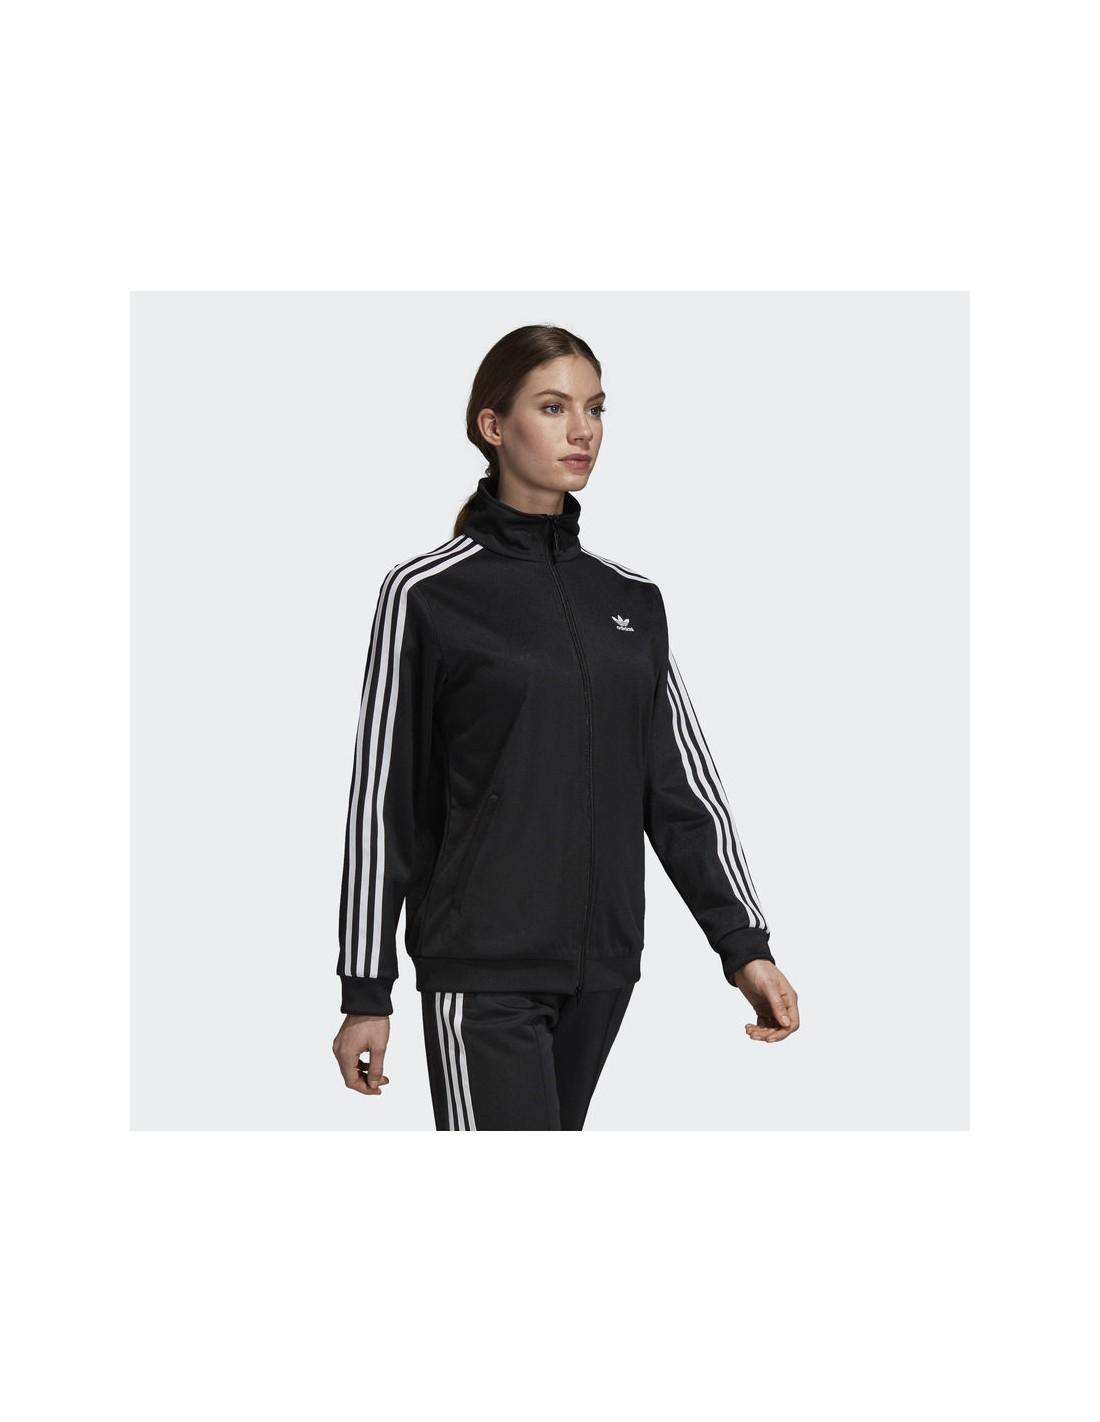 6177496e70 ... Adidas Originals Womens Contemp TT Black CE2424 ...